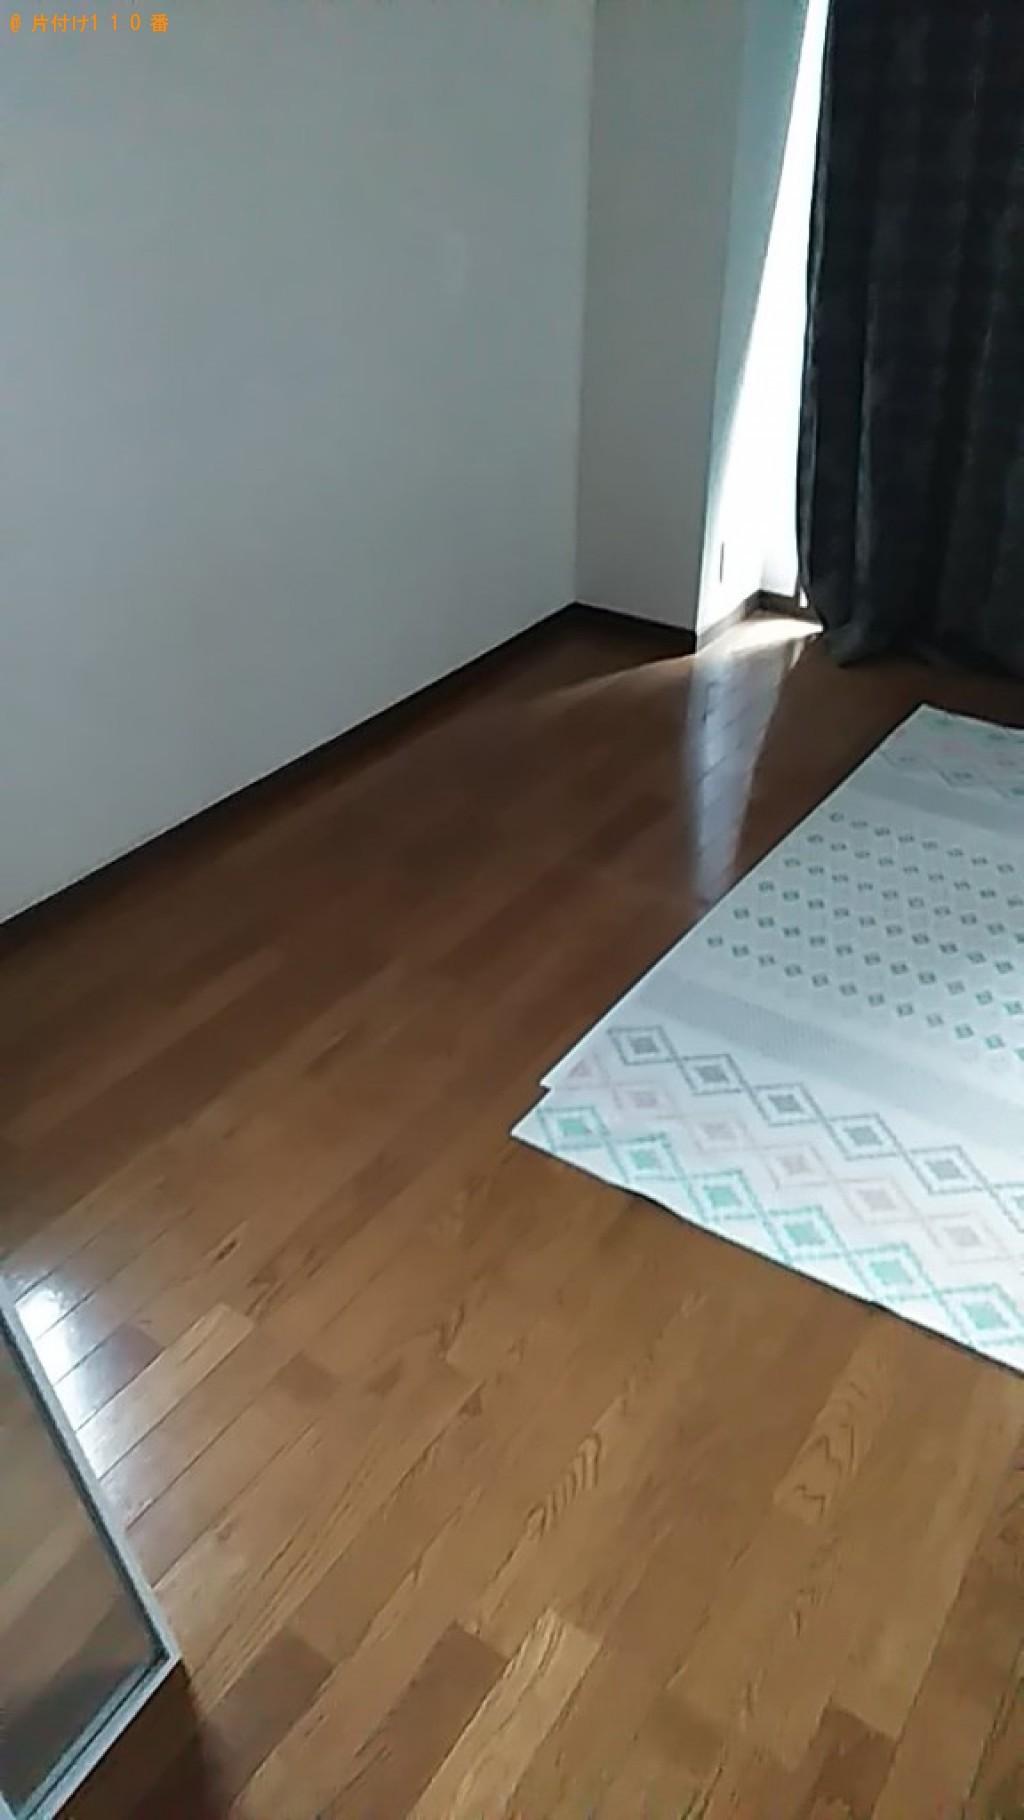 【今治市喜田村】シングルベッド、シングルベッドマットレスの回収